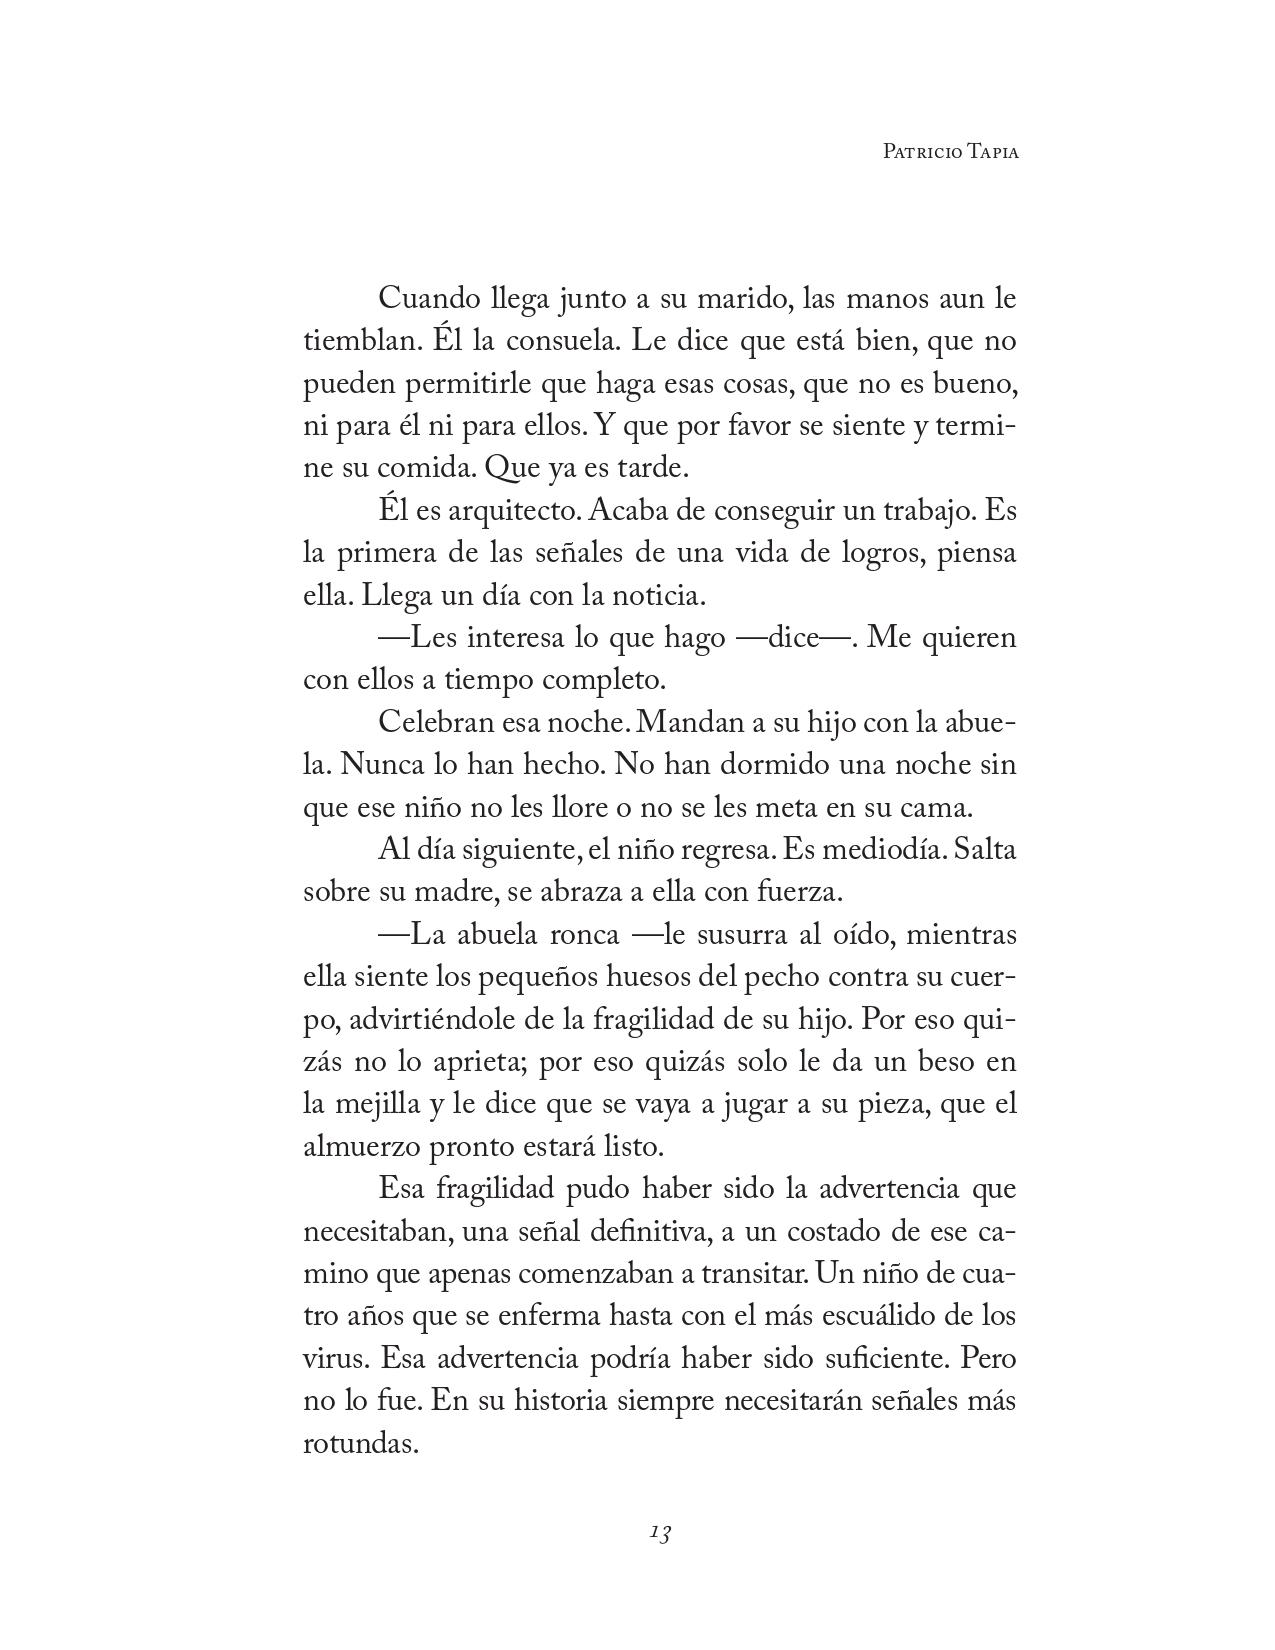 Adelanto_Hombres_Inofensivos_Patricio_Tapia_page-0010